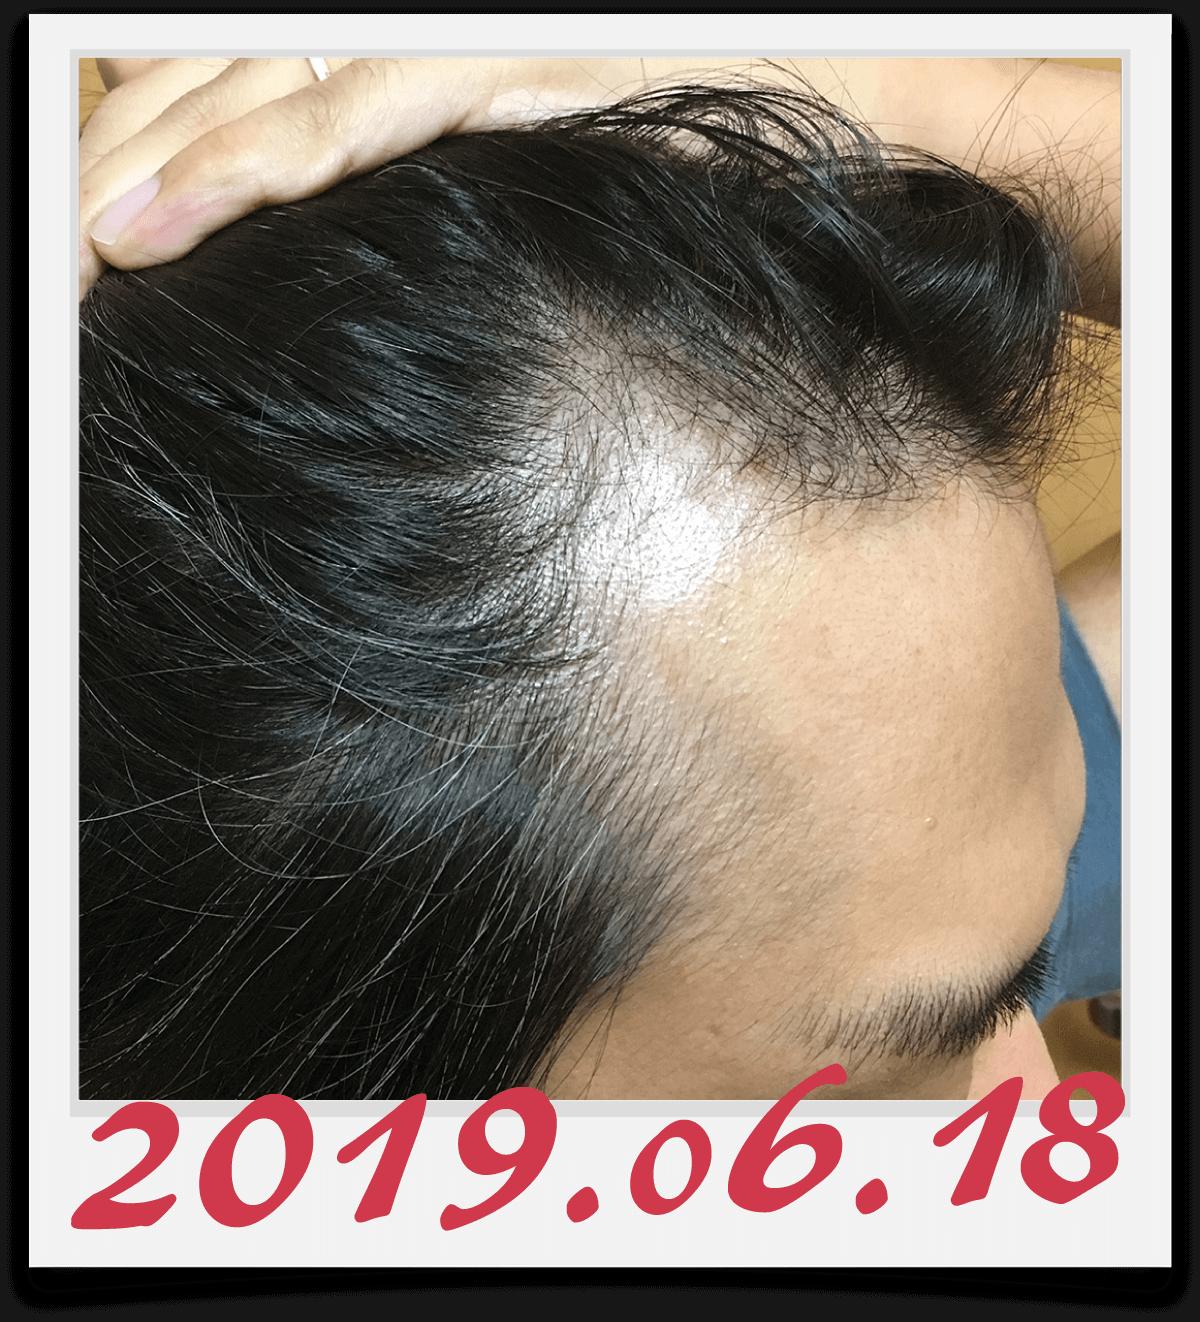 2019年6月18日に撮影した右側の生え際